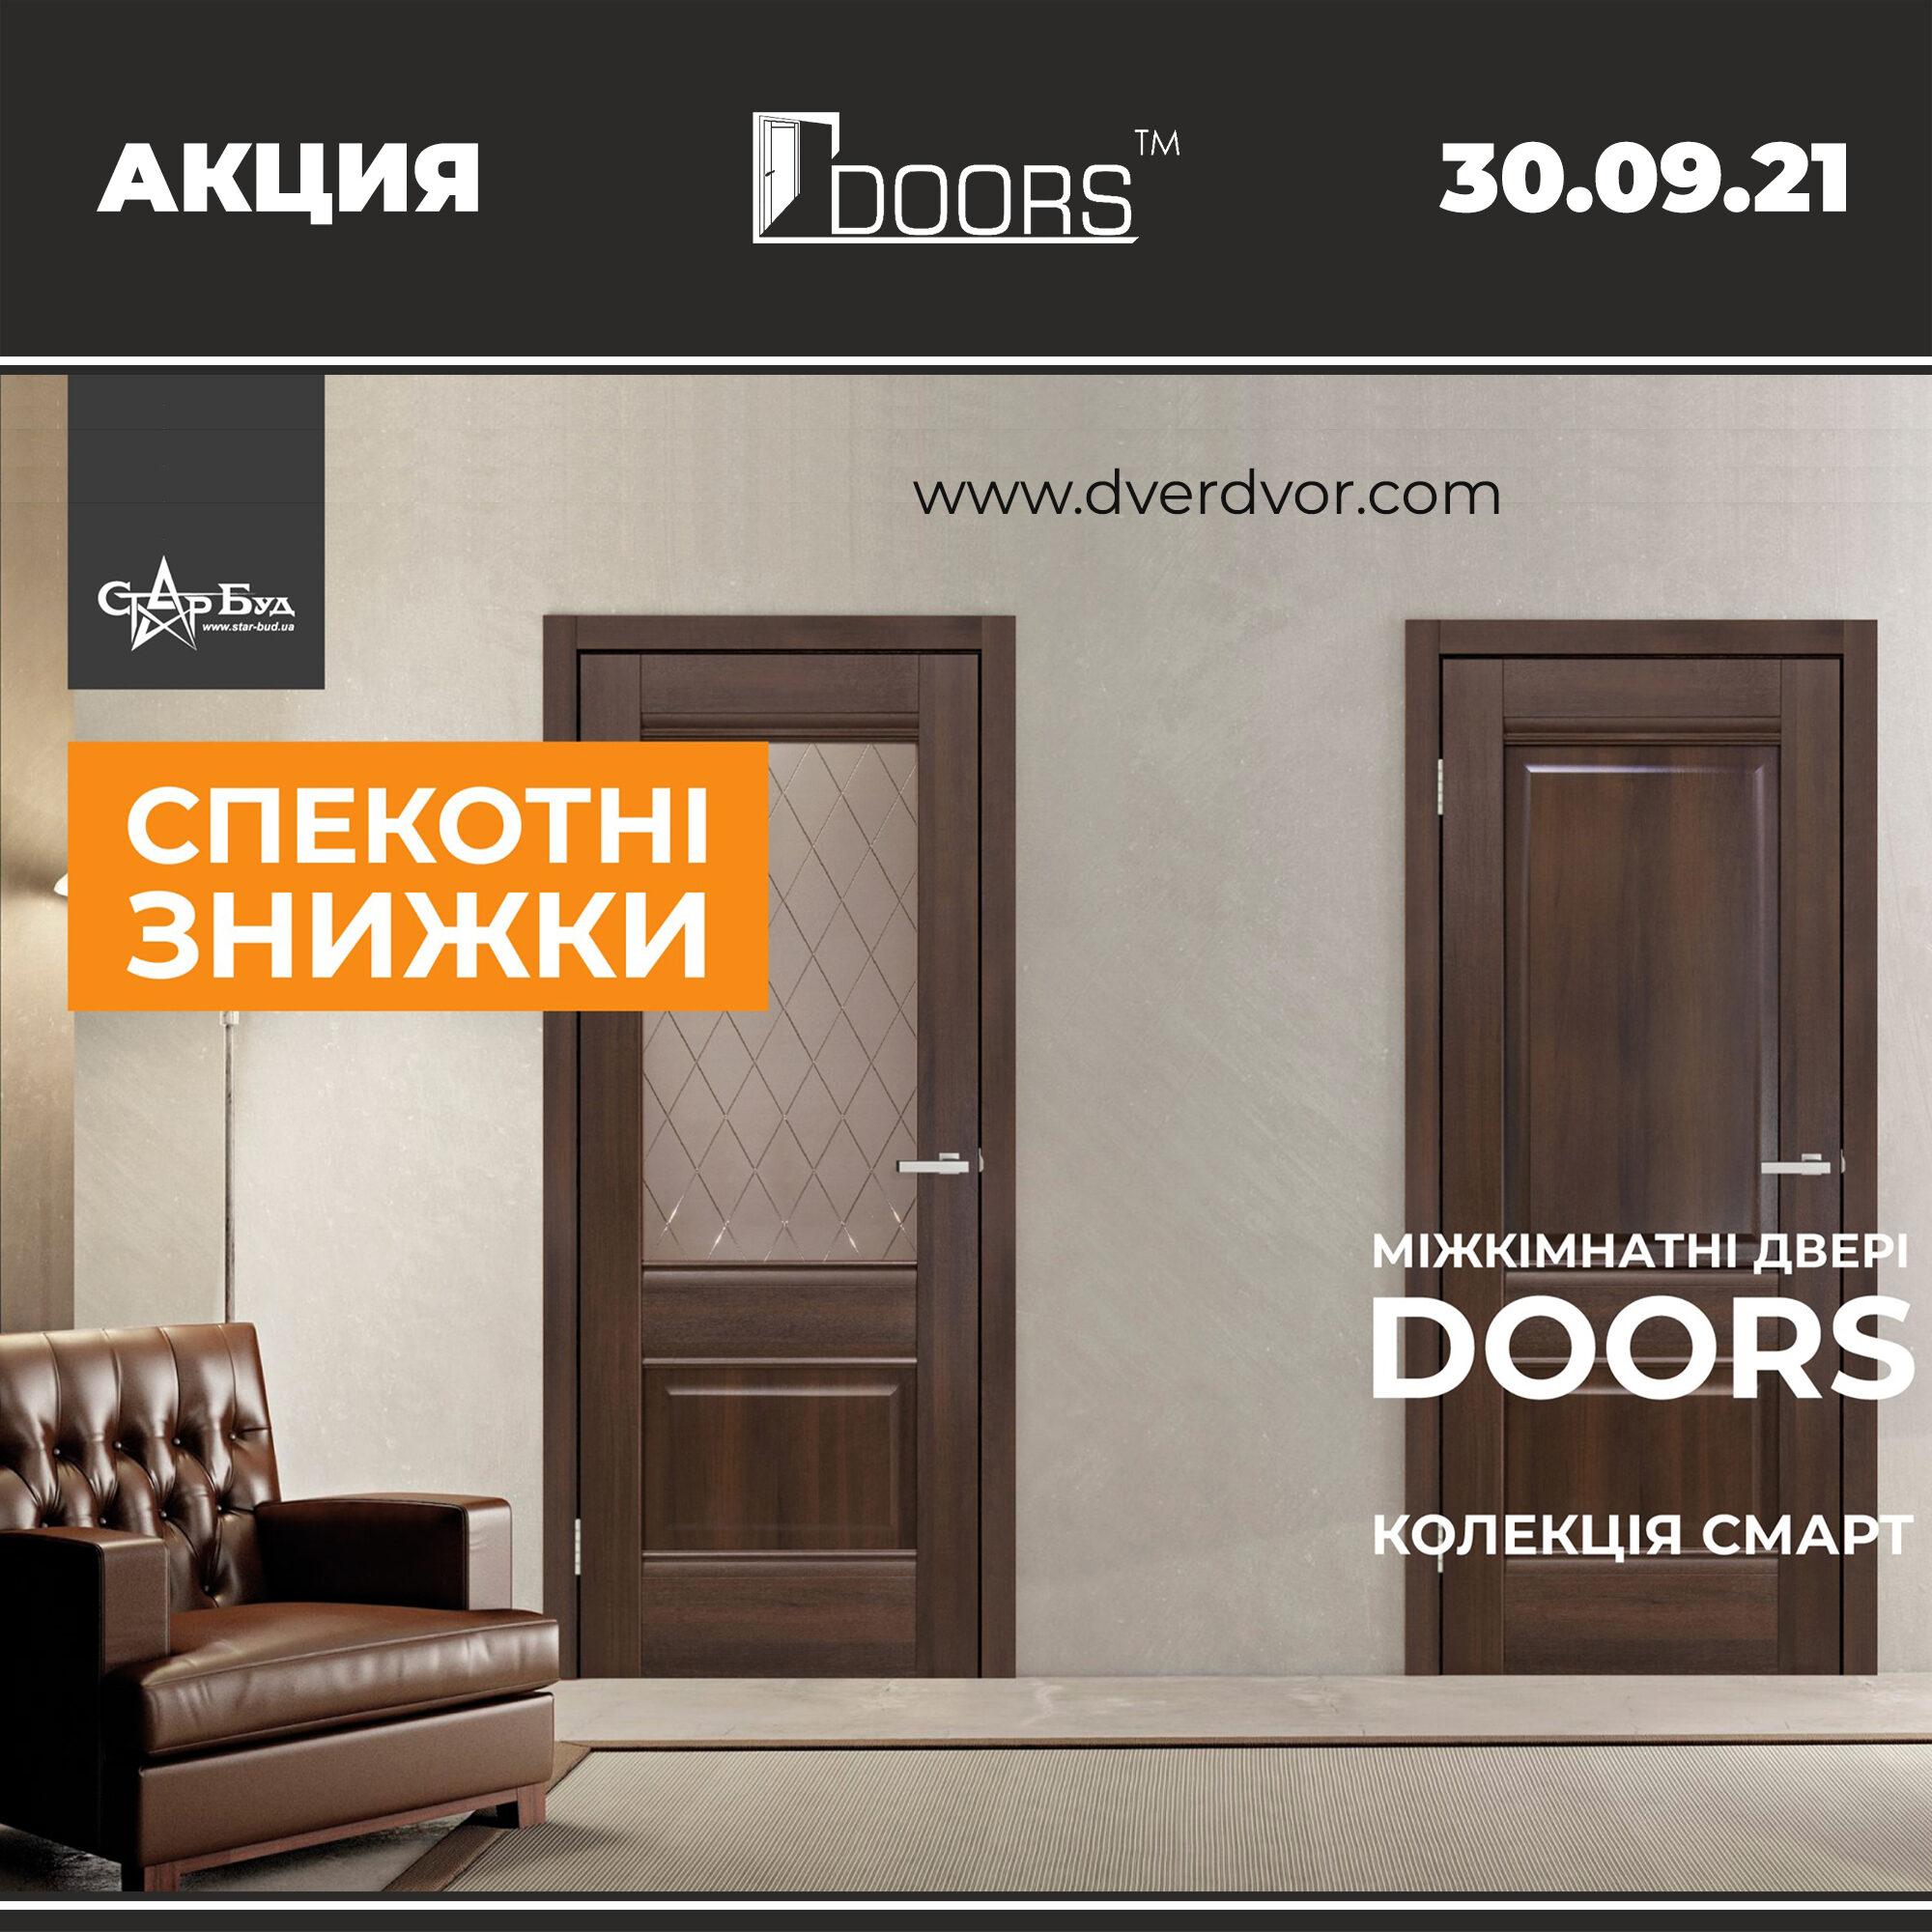 30.09.2021 TM Doors Смарт